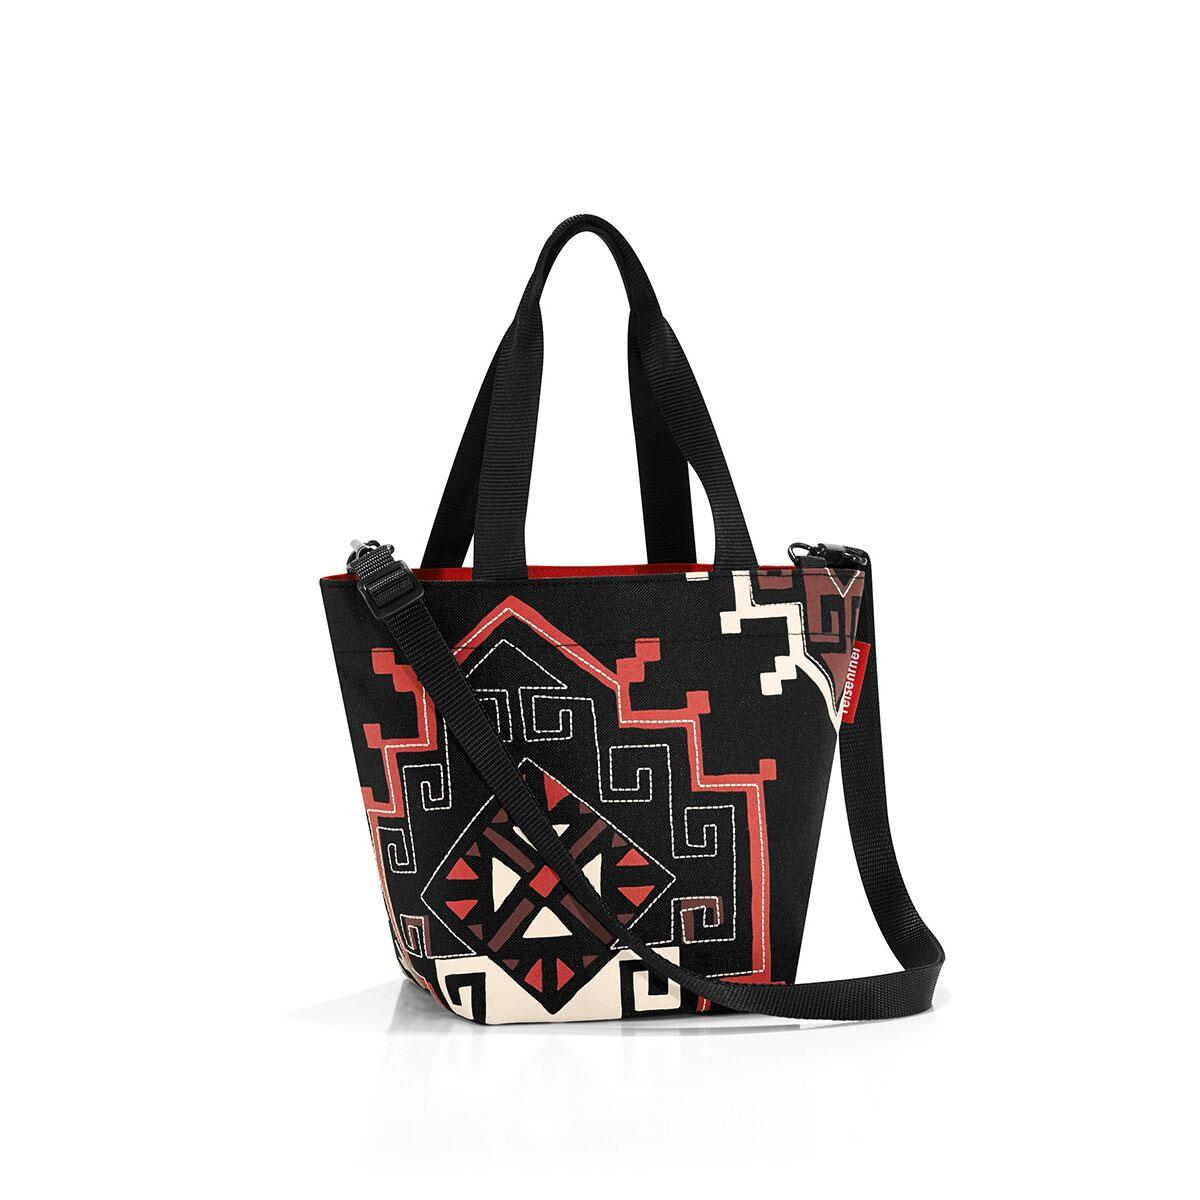 Сумка женская Reisenthel, цвет: черный, темно-красный, серо-бежевый. ZR7035S76245Компактная женская сумка Reisenthel, выполненная из текстиля, оформлена оригинальным принтом и вышивкой. Сумка имеет одно отделение, которое закрывается на застежку-молнию. Внутри расположен нашивной карман на застежке-молнии. Сумка оснащена двумя ручками. В комплект входит съемный регулируемый наплечный ремень.